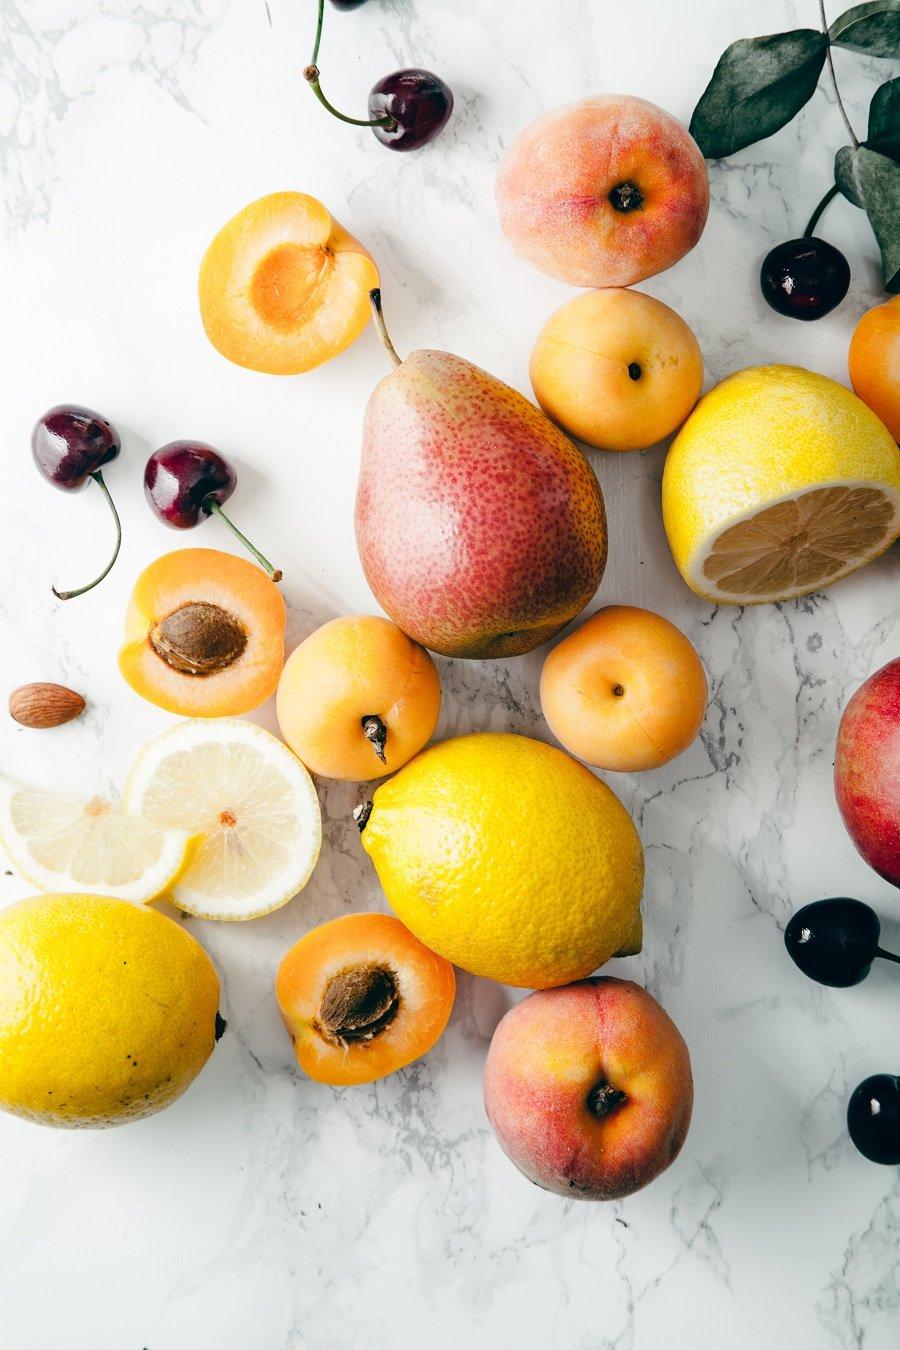 3 Simple Tricks To Get Rid Of Fruit Flies - SPUD com